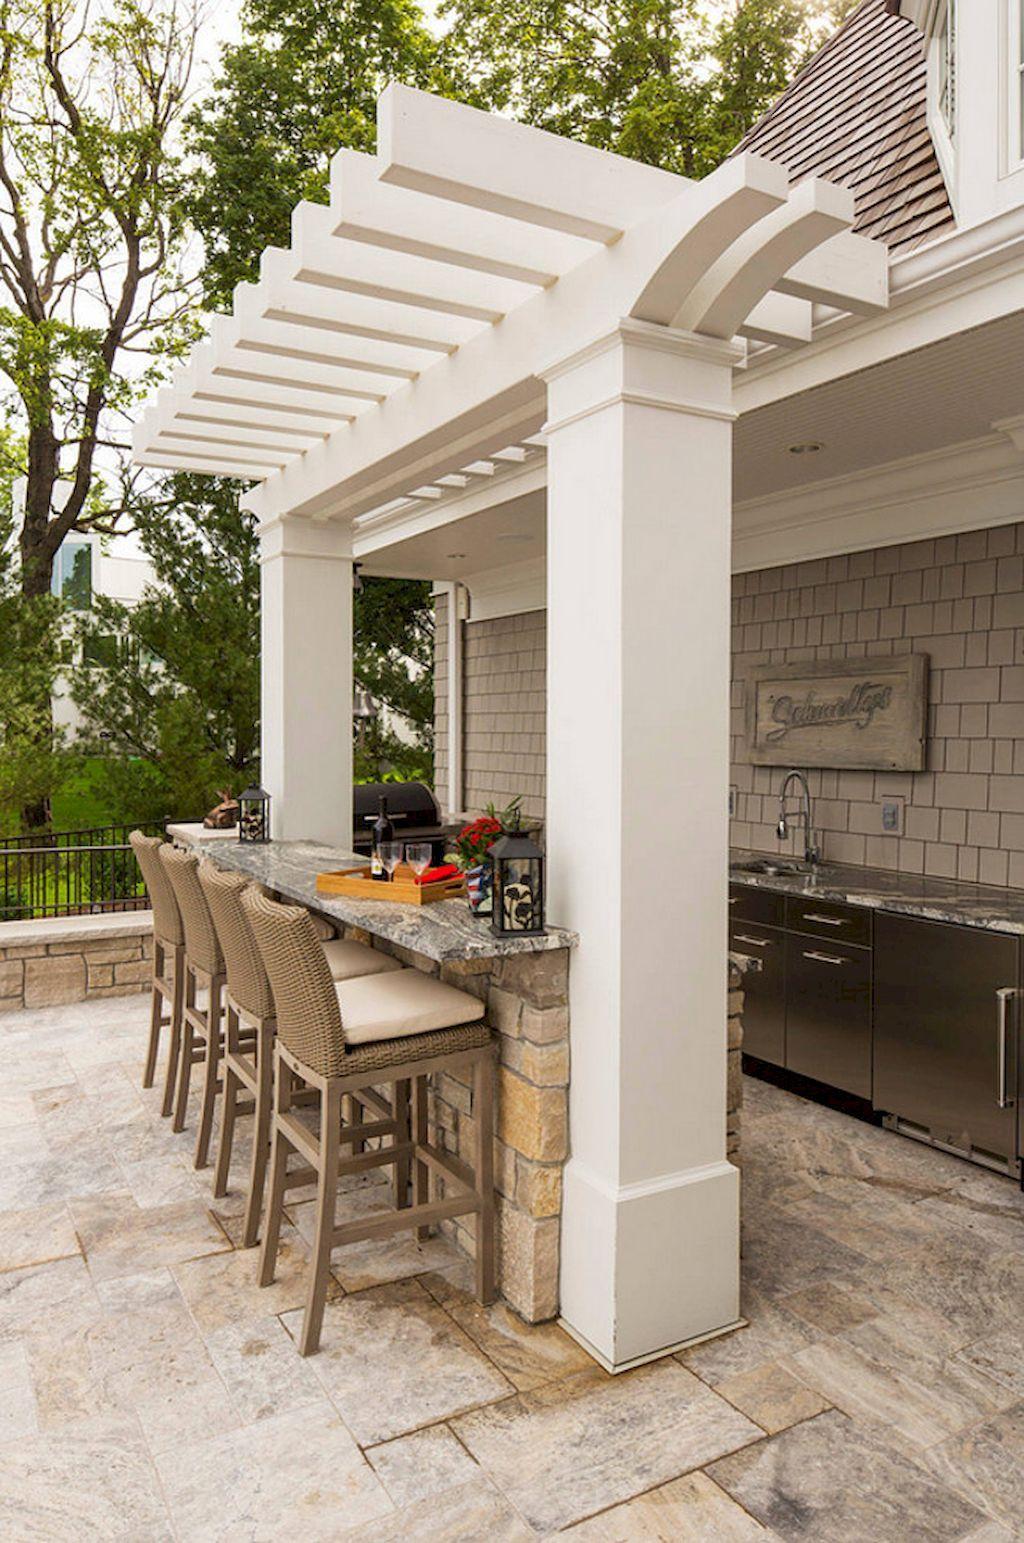 47 Incredible Outdoor Kitchen Design Ideas On Backyard 22 Modern Outdoor Kitchen Outdoor Kitchen Design Backyard Patio